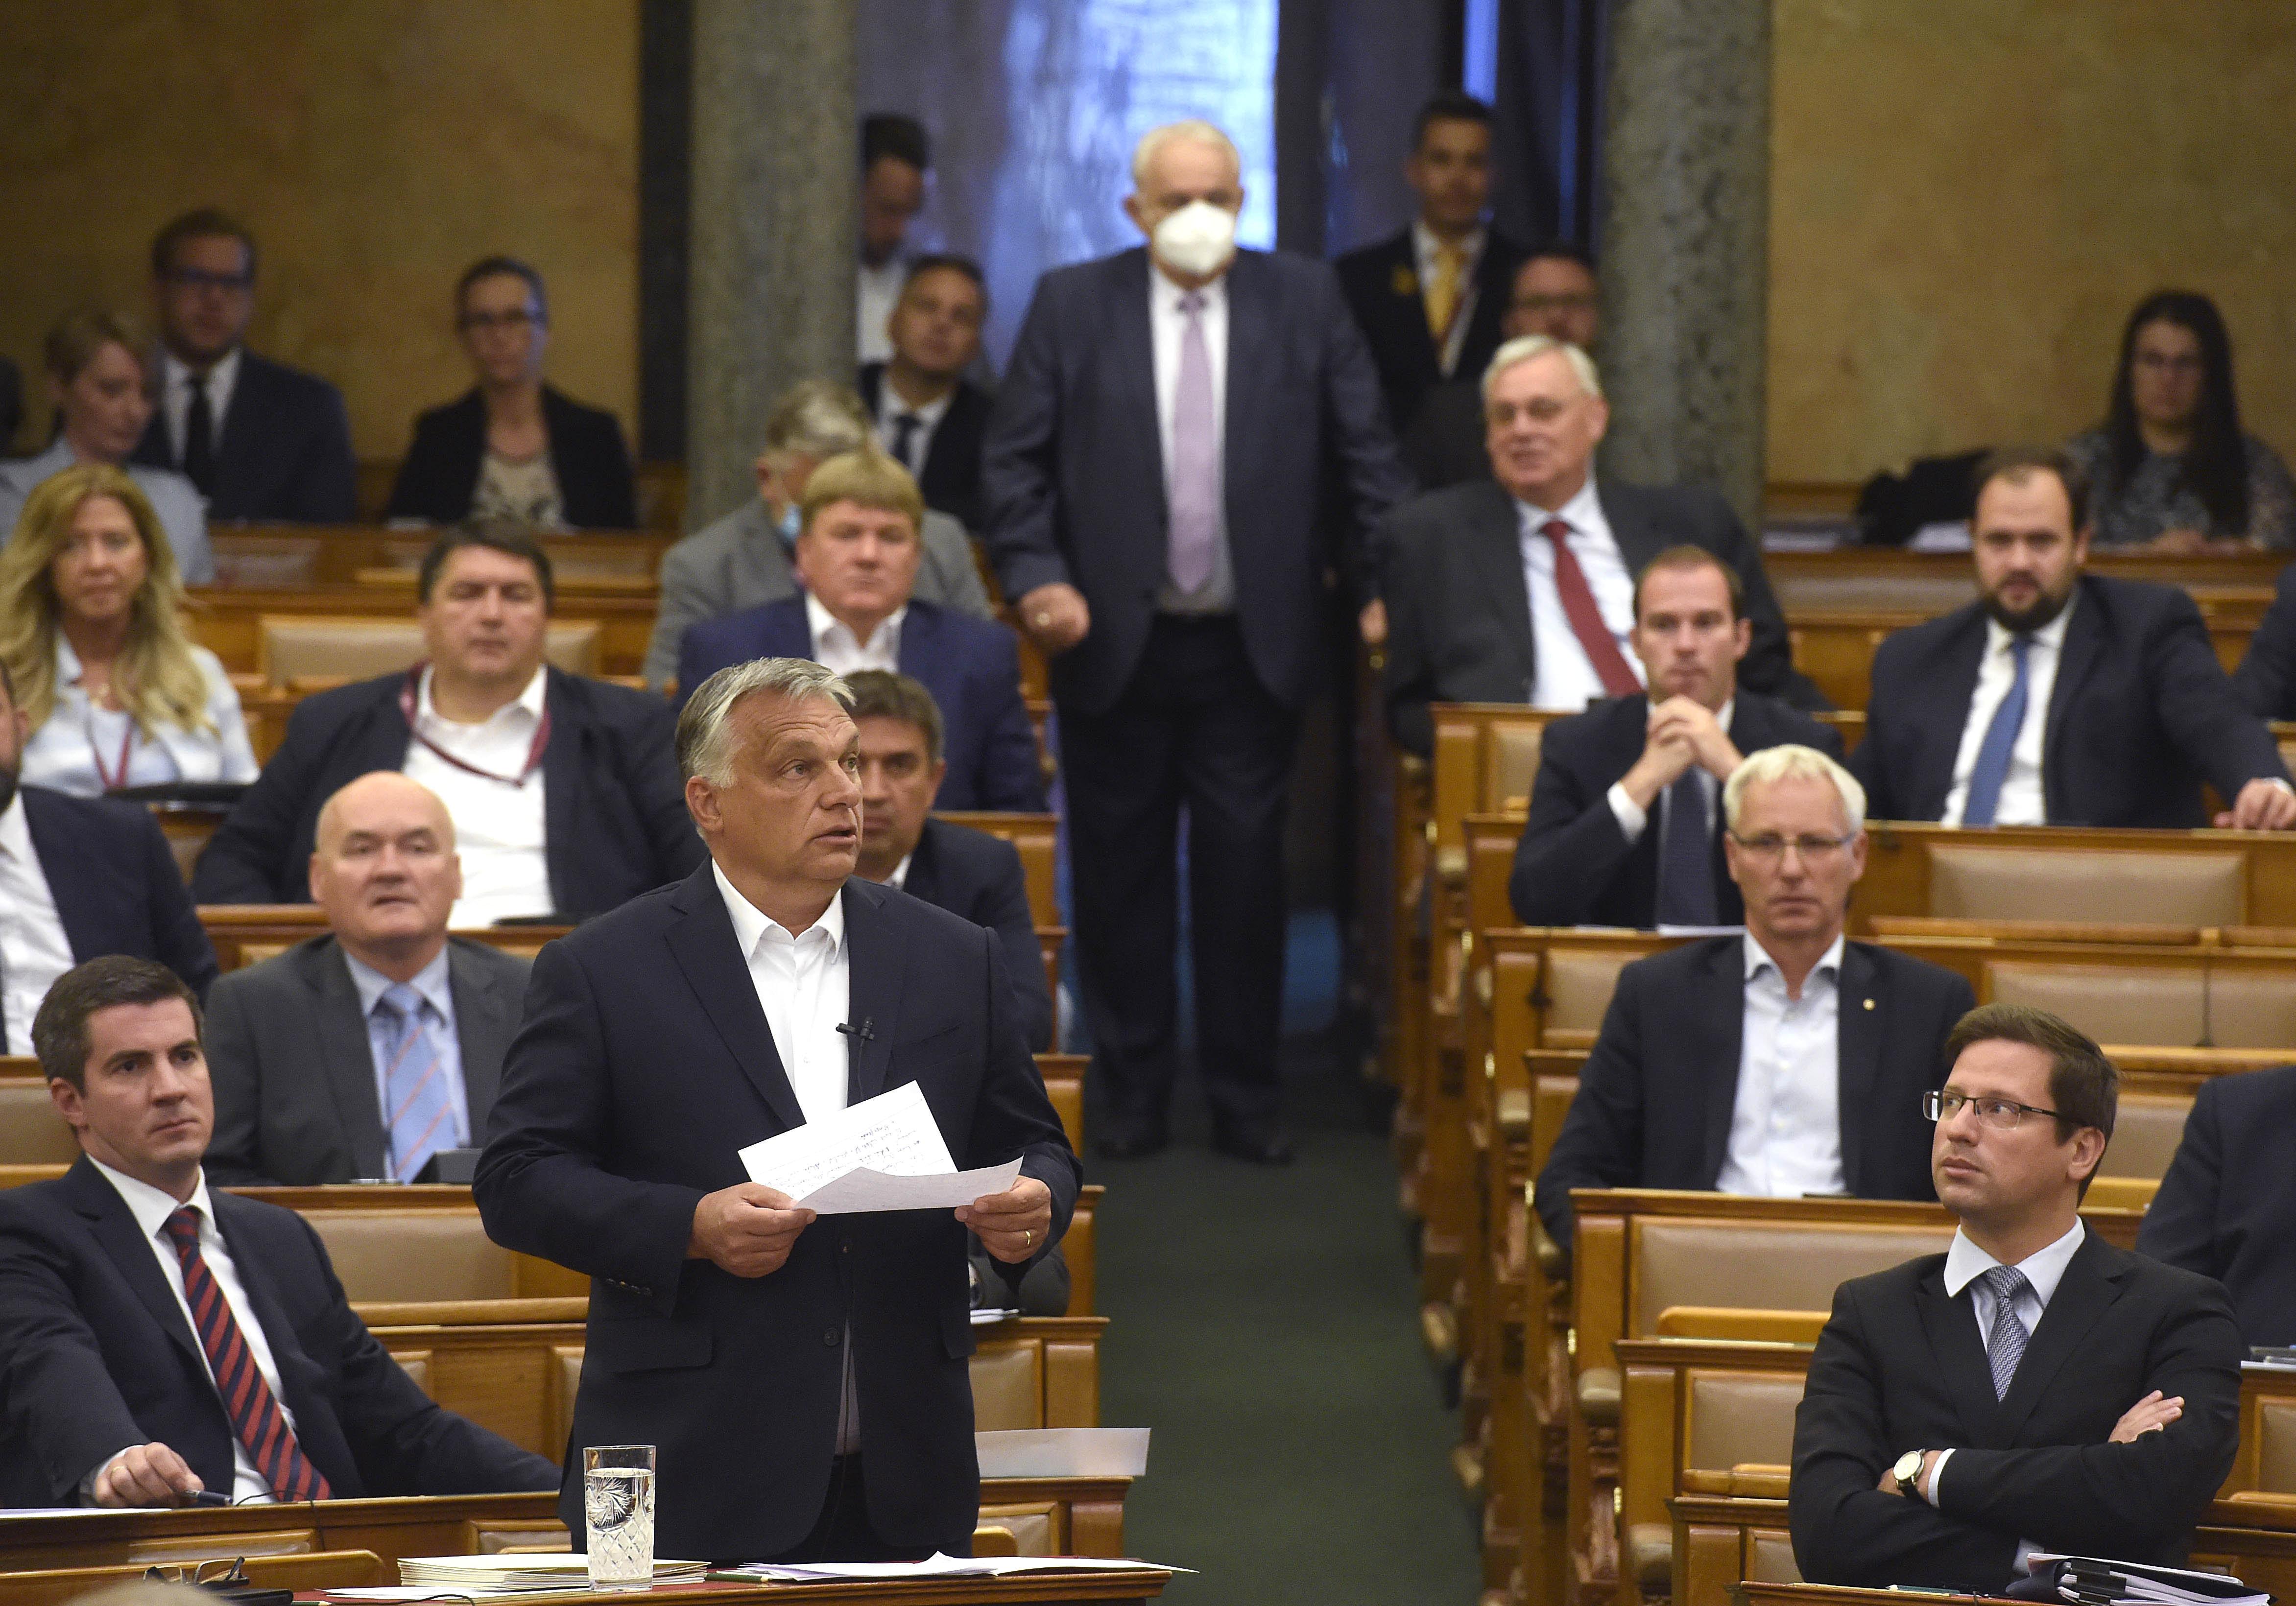 Orbánt nem koronázták meg, de teljesen felesleges volt határozatlan idejű felhatalmazást kérnie a kormányának